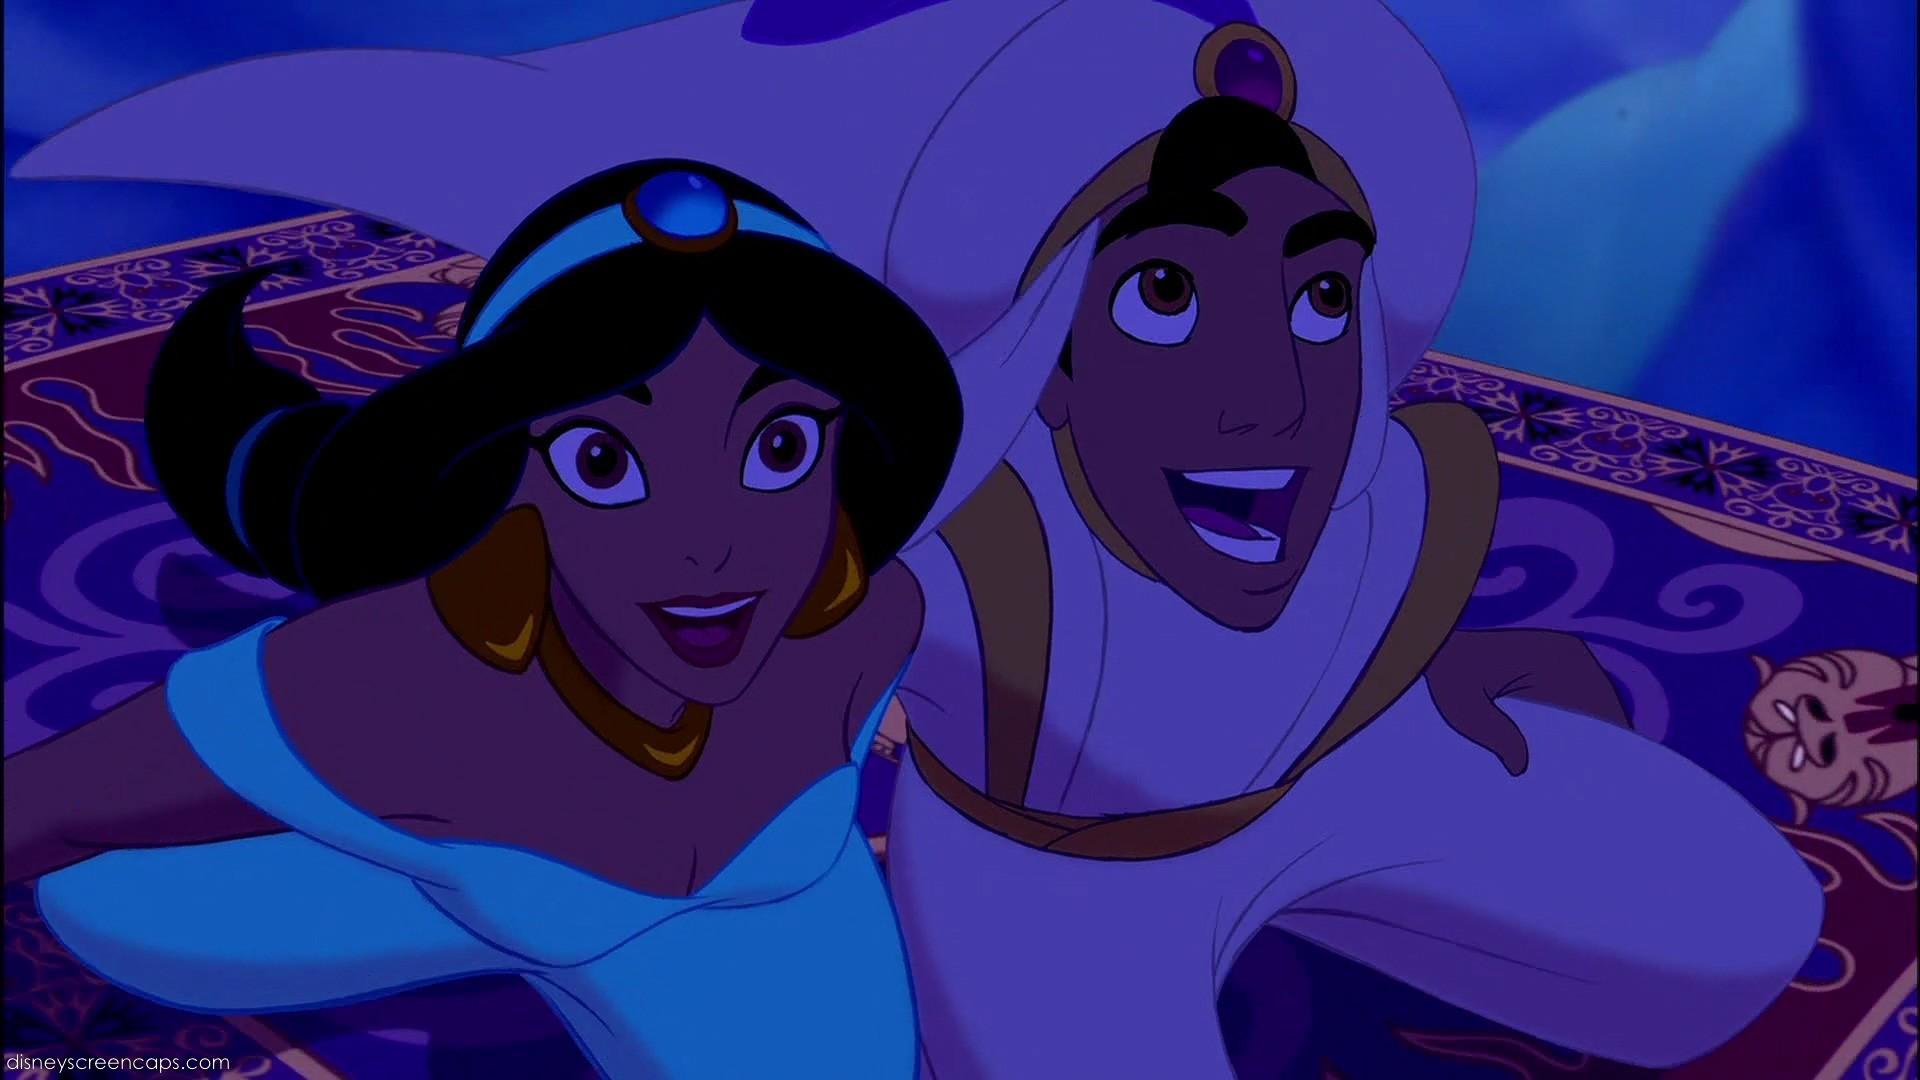 Aladdin awholenewworld2.jpg